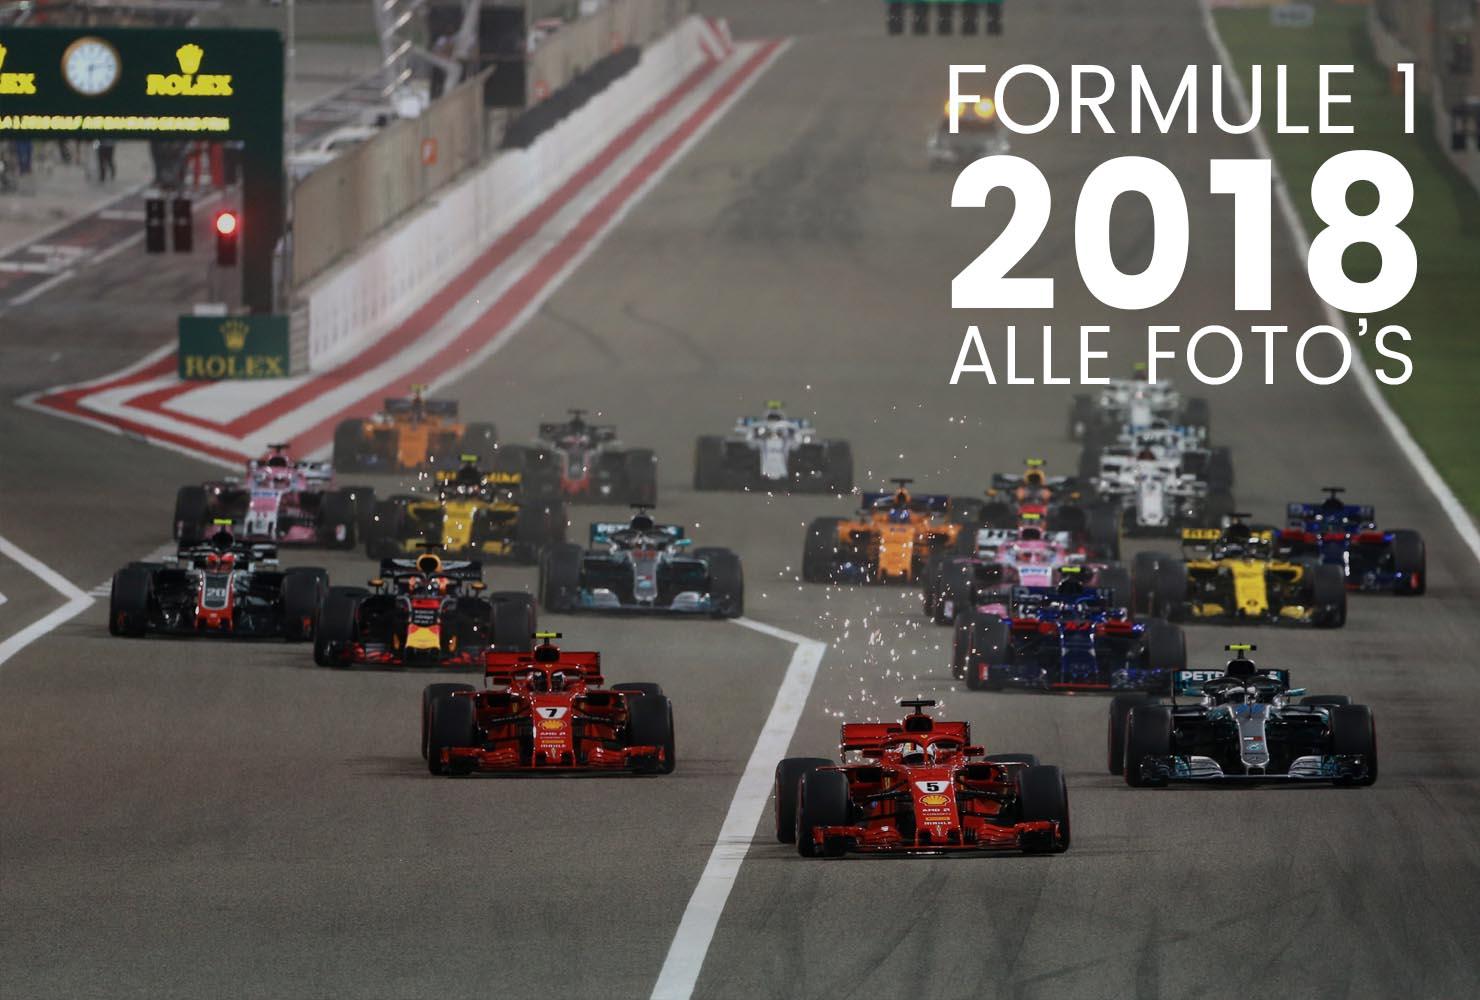 Alle foto's van het Formule 1 seizoen 2018 vind je hier! Je kan ze laten drukken op een poster, canvas en zelfs op behang!